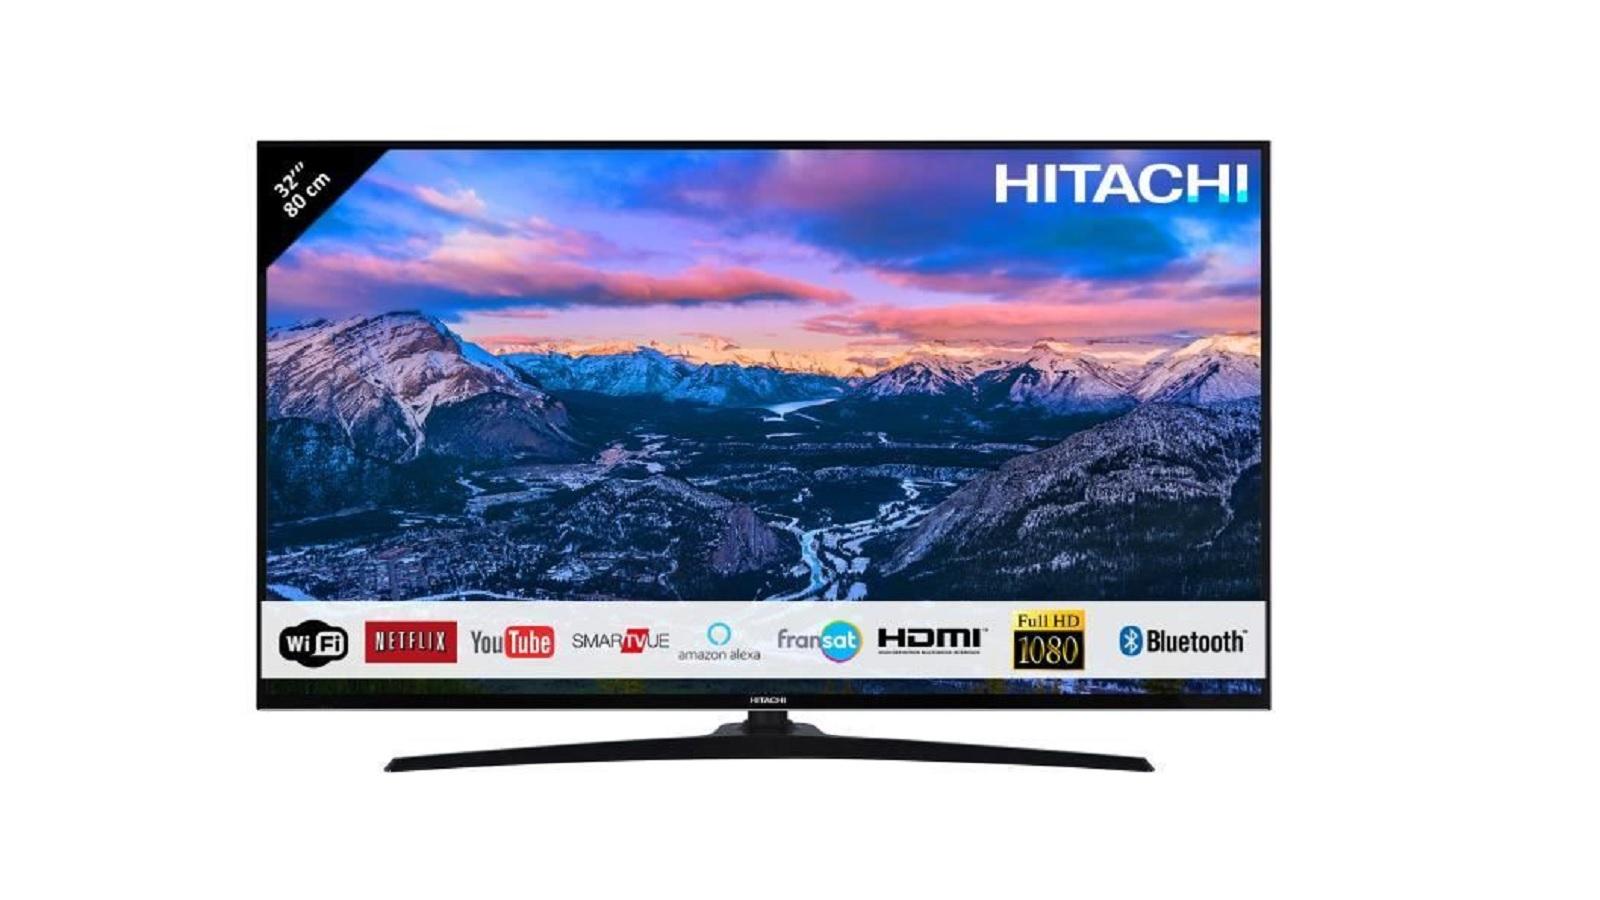 cdiscount tv led 32 full hd hitachi